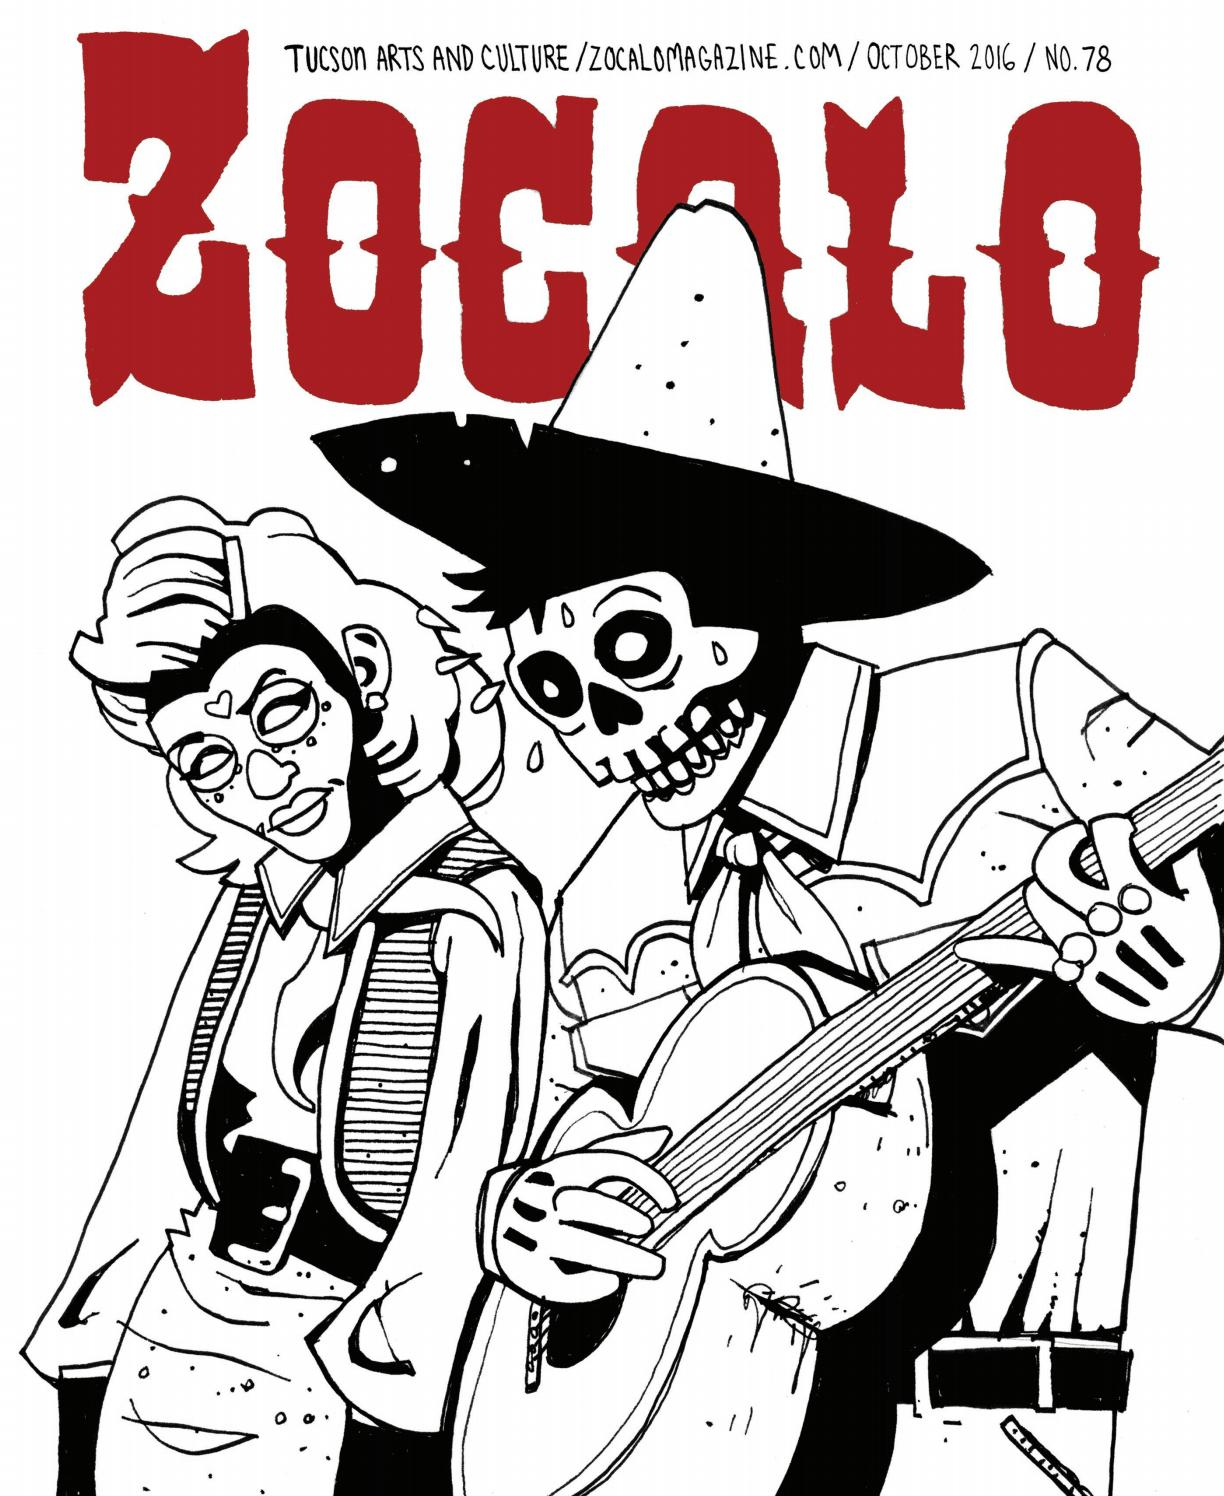 zocalo magazine october 2016 by zocalo magazine issuu